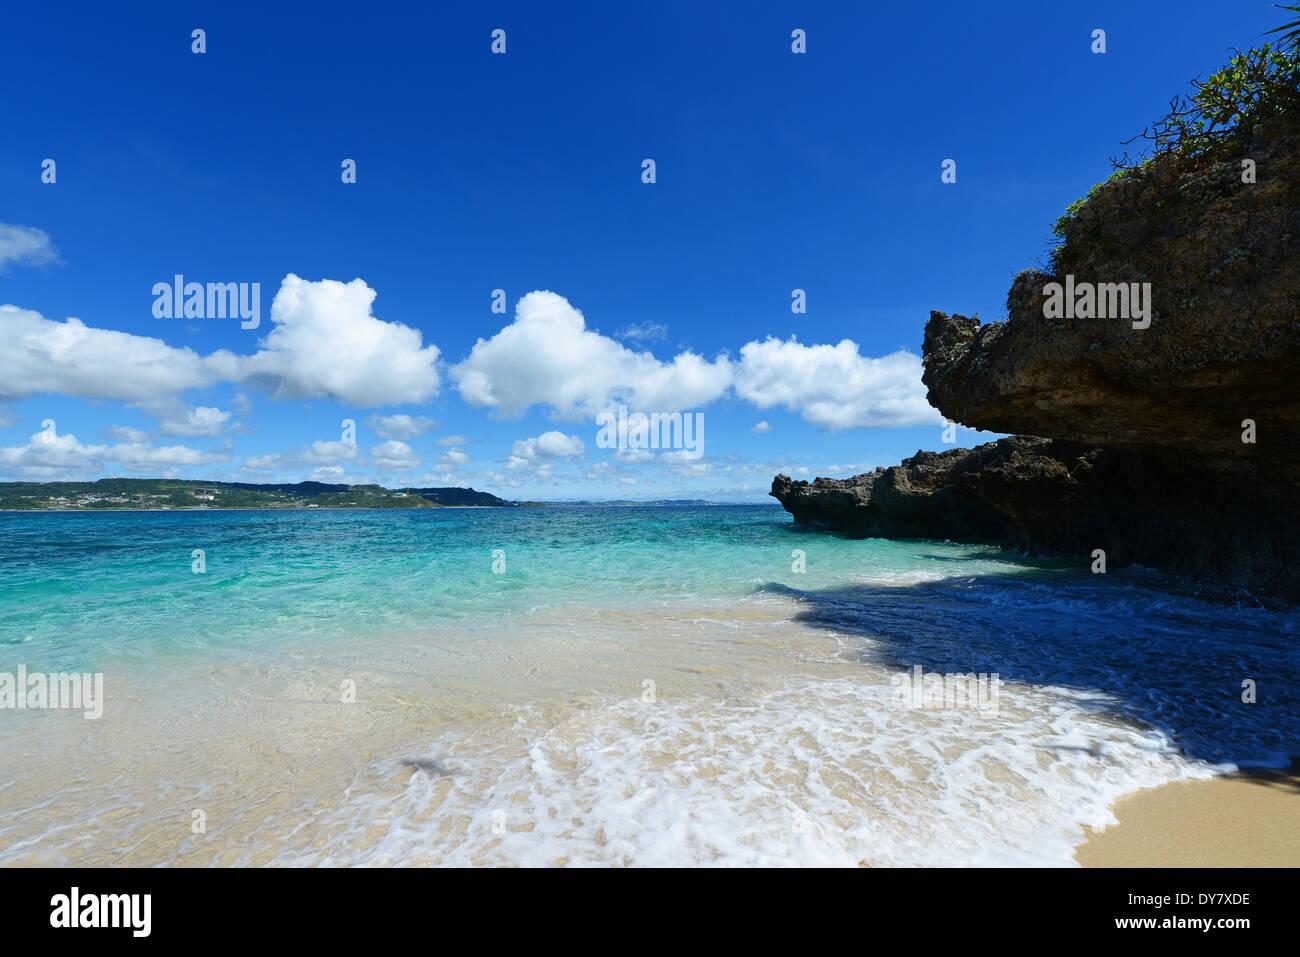 Beautiful beach in Okinawa - Stock Image